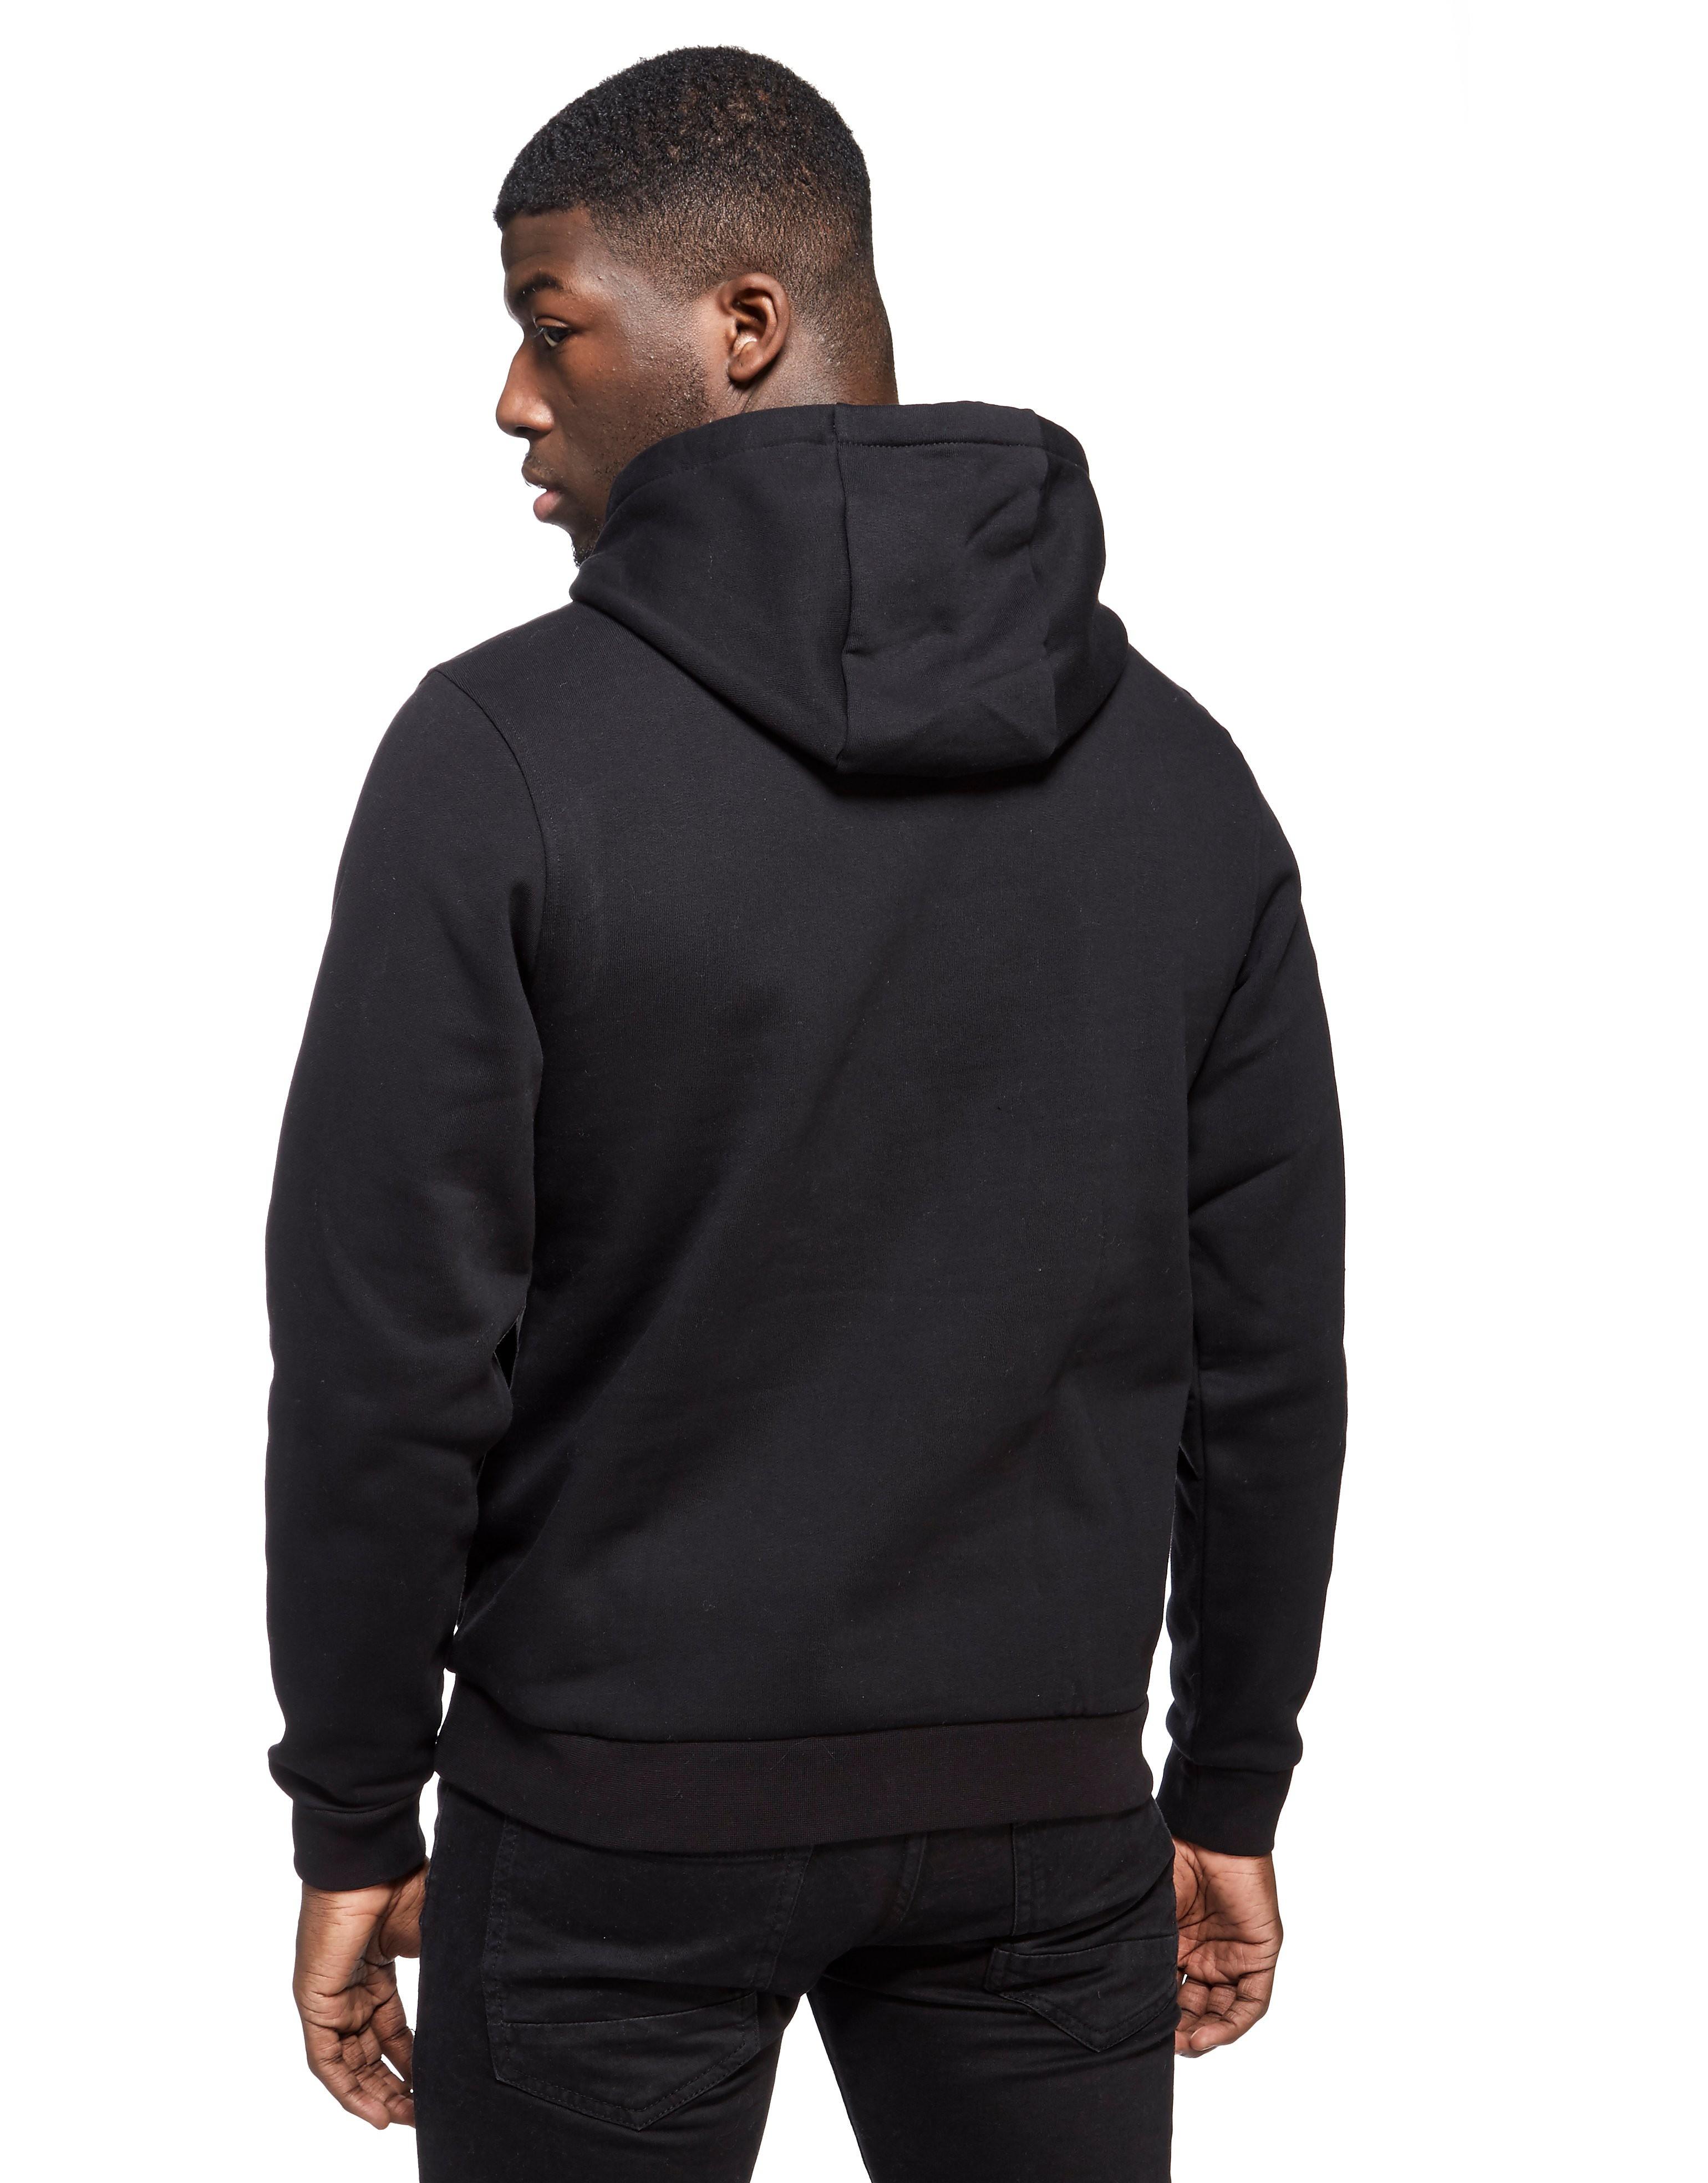 Lacoste Premium Fleece Hoody Homme